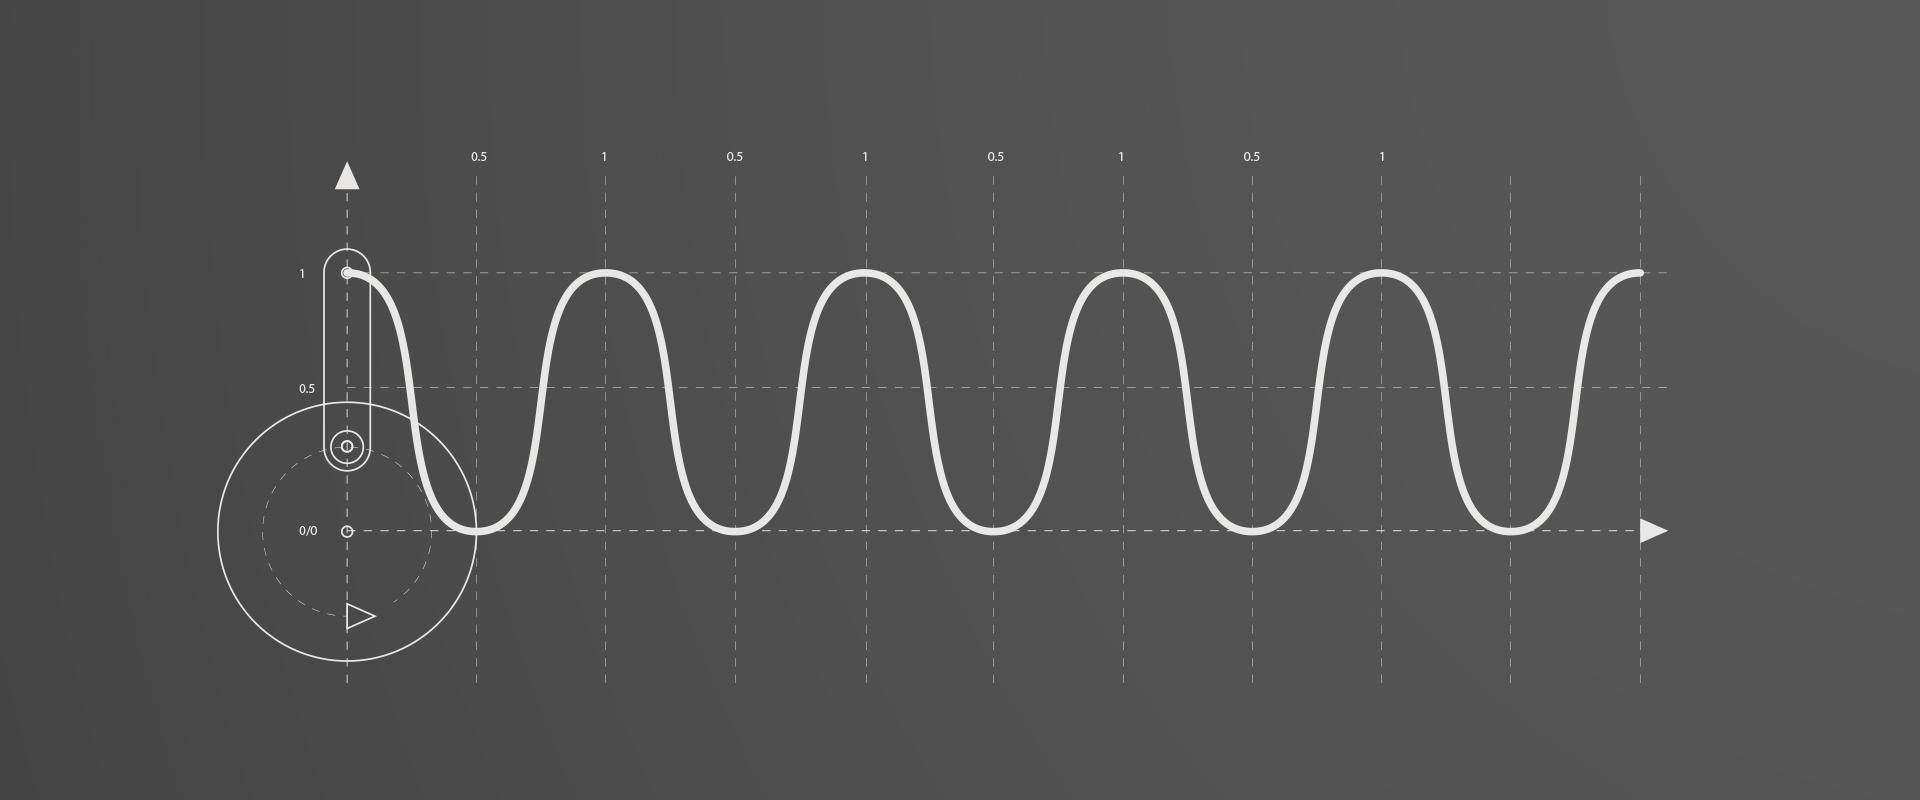 Pulse - Hot octopuss - curventa - mechanical - oscillation